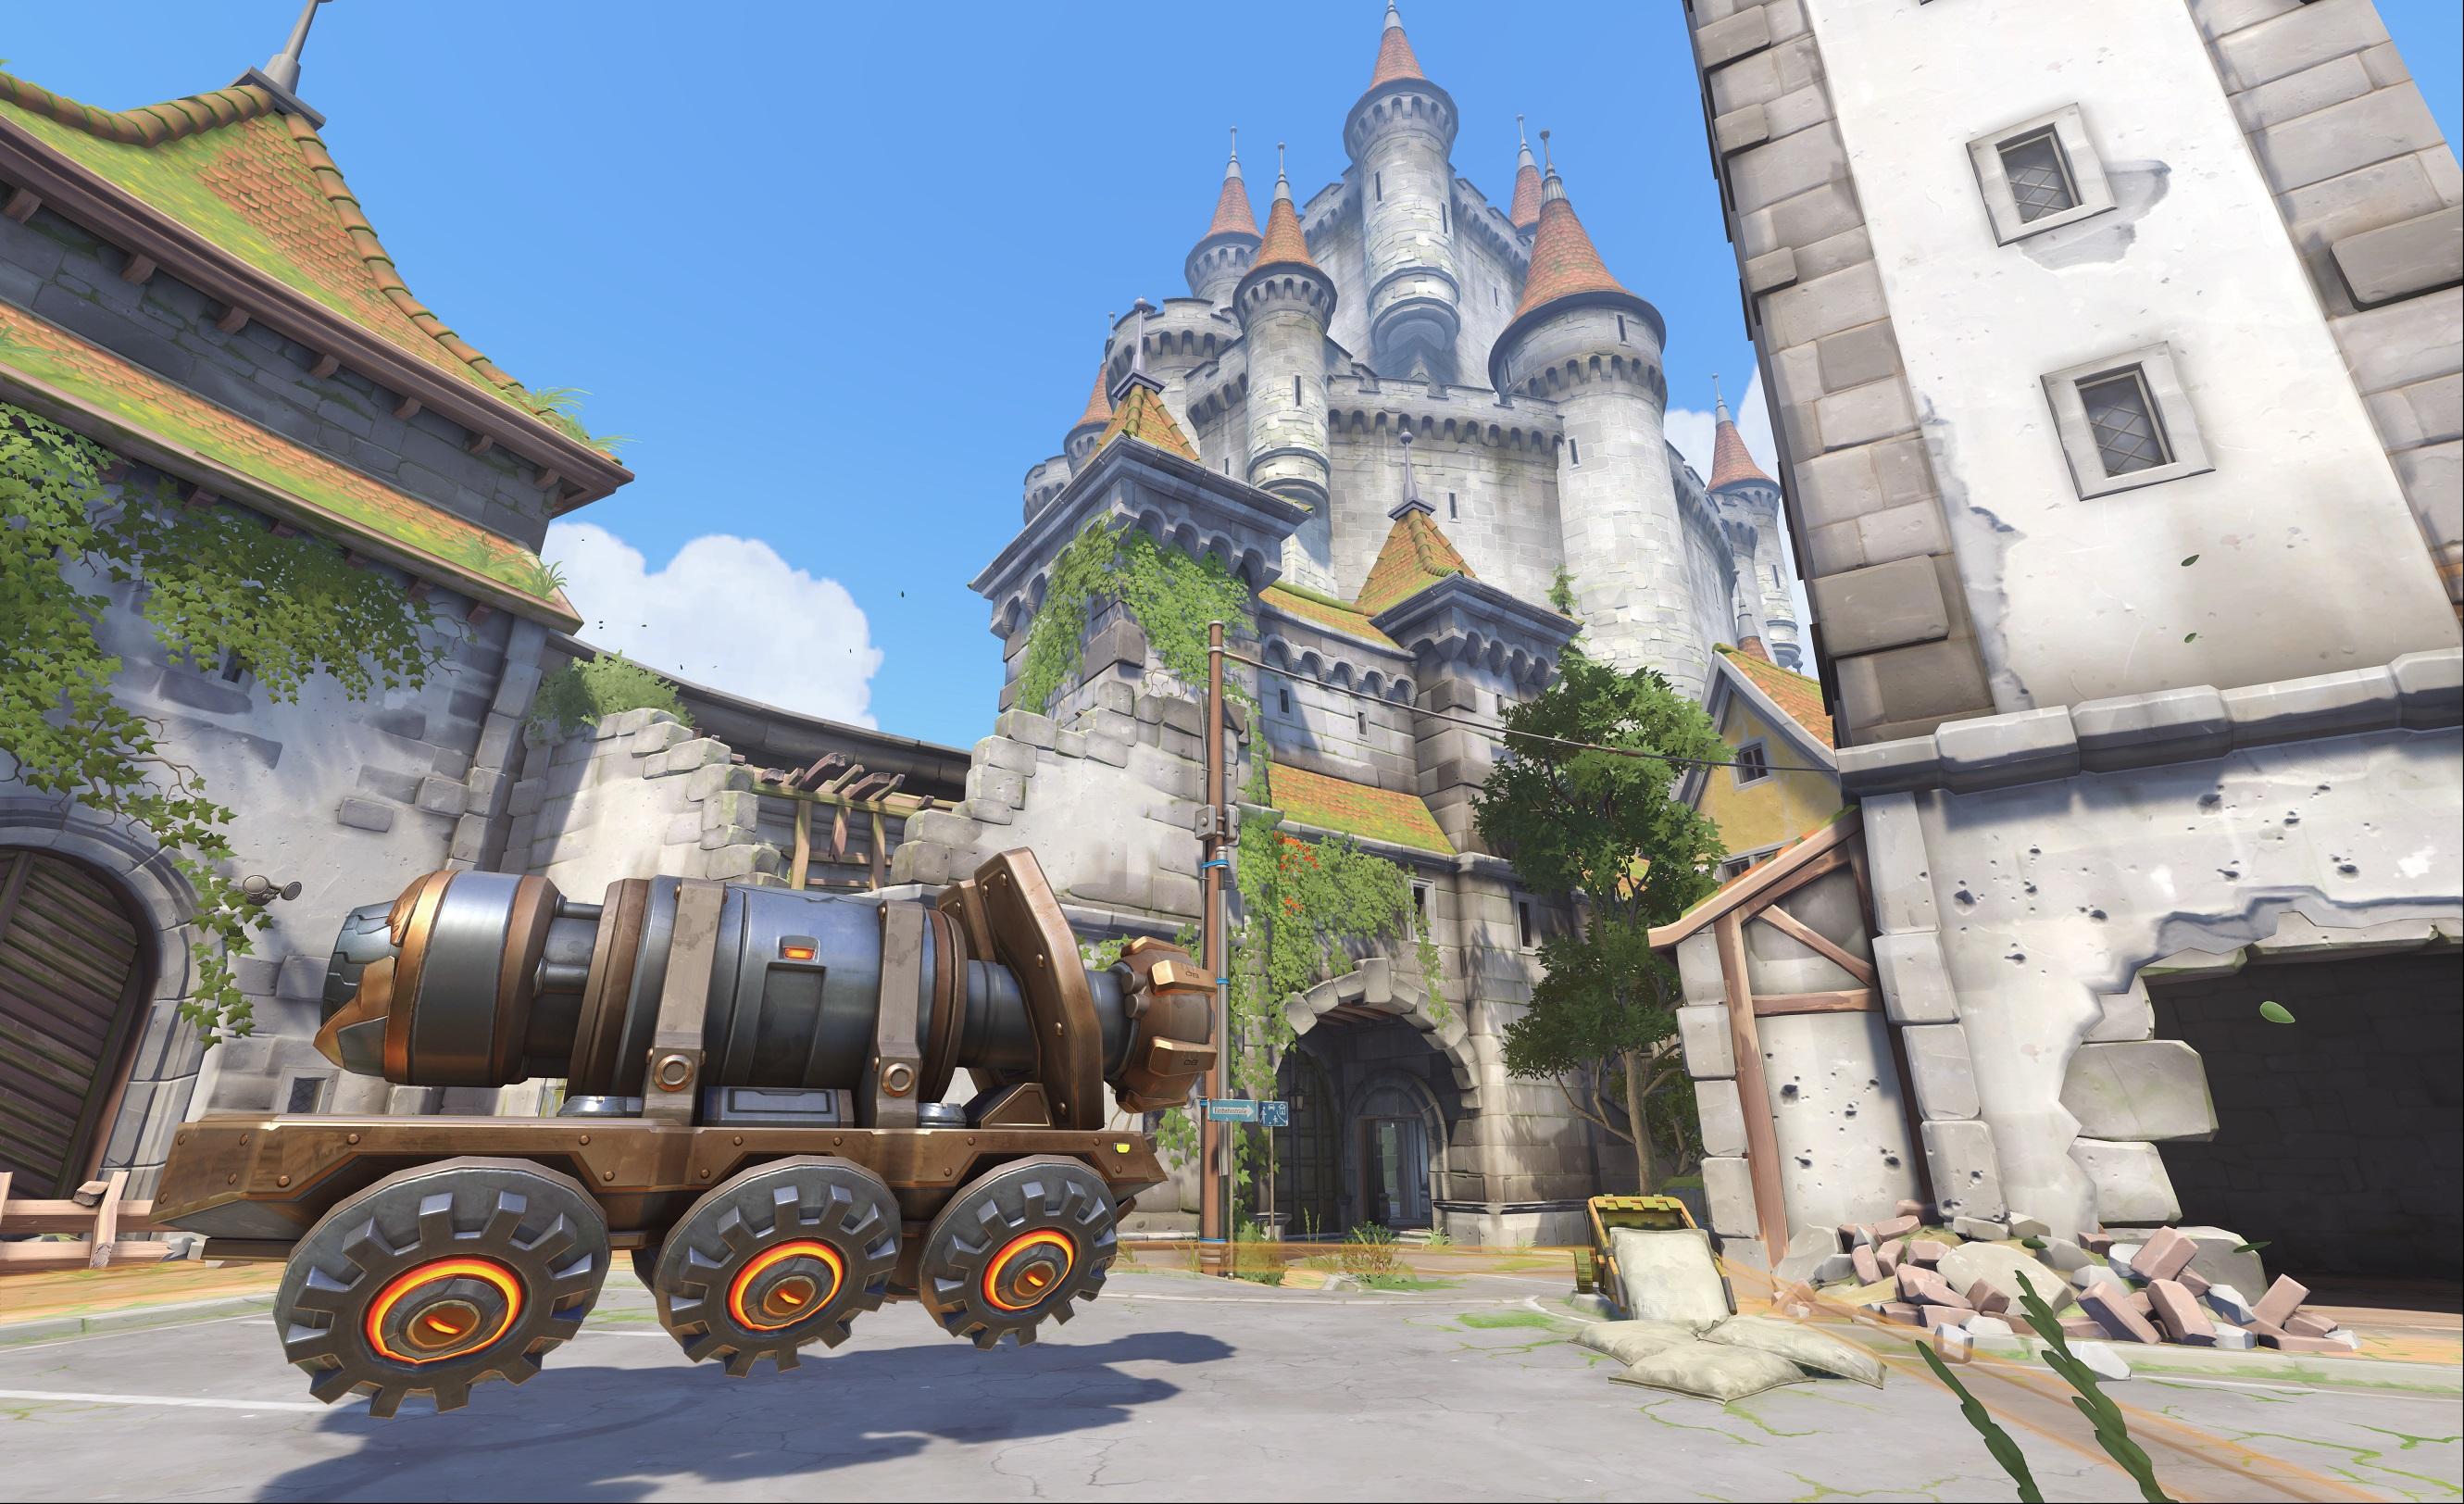 Nová mapa pro Overwatch nás zavede do hradu a přilehlého městečka v Německu 128683